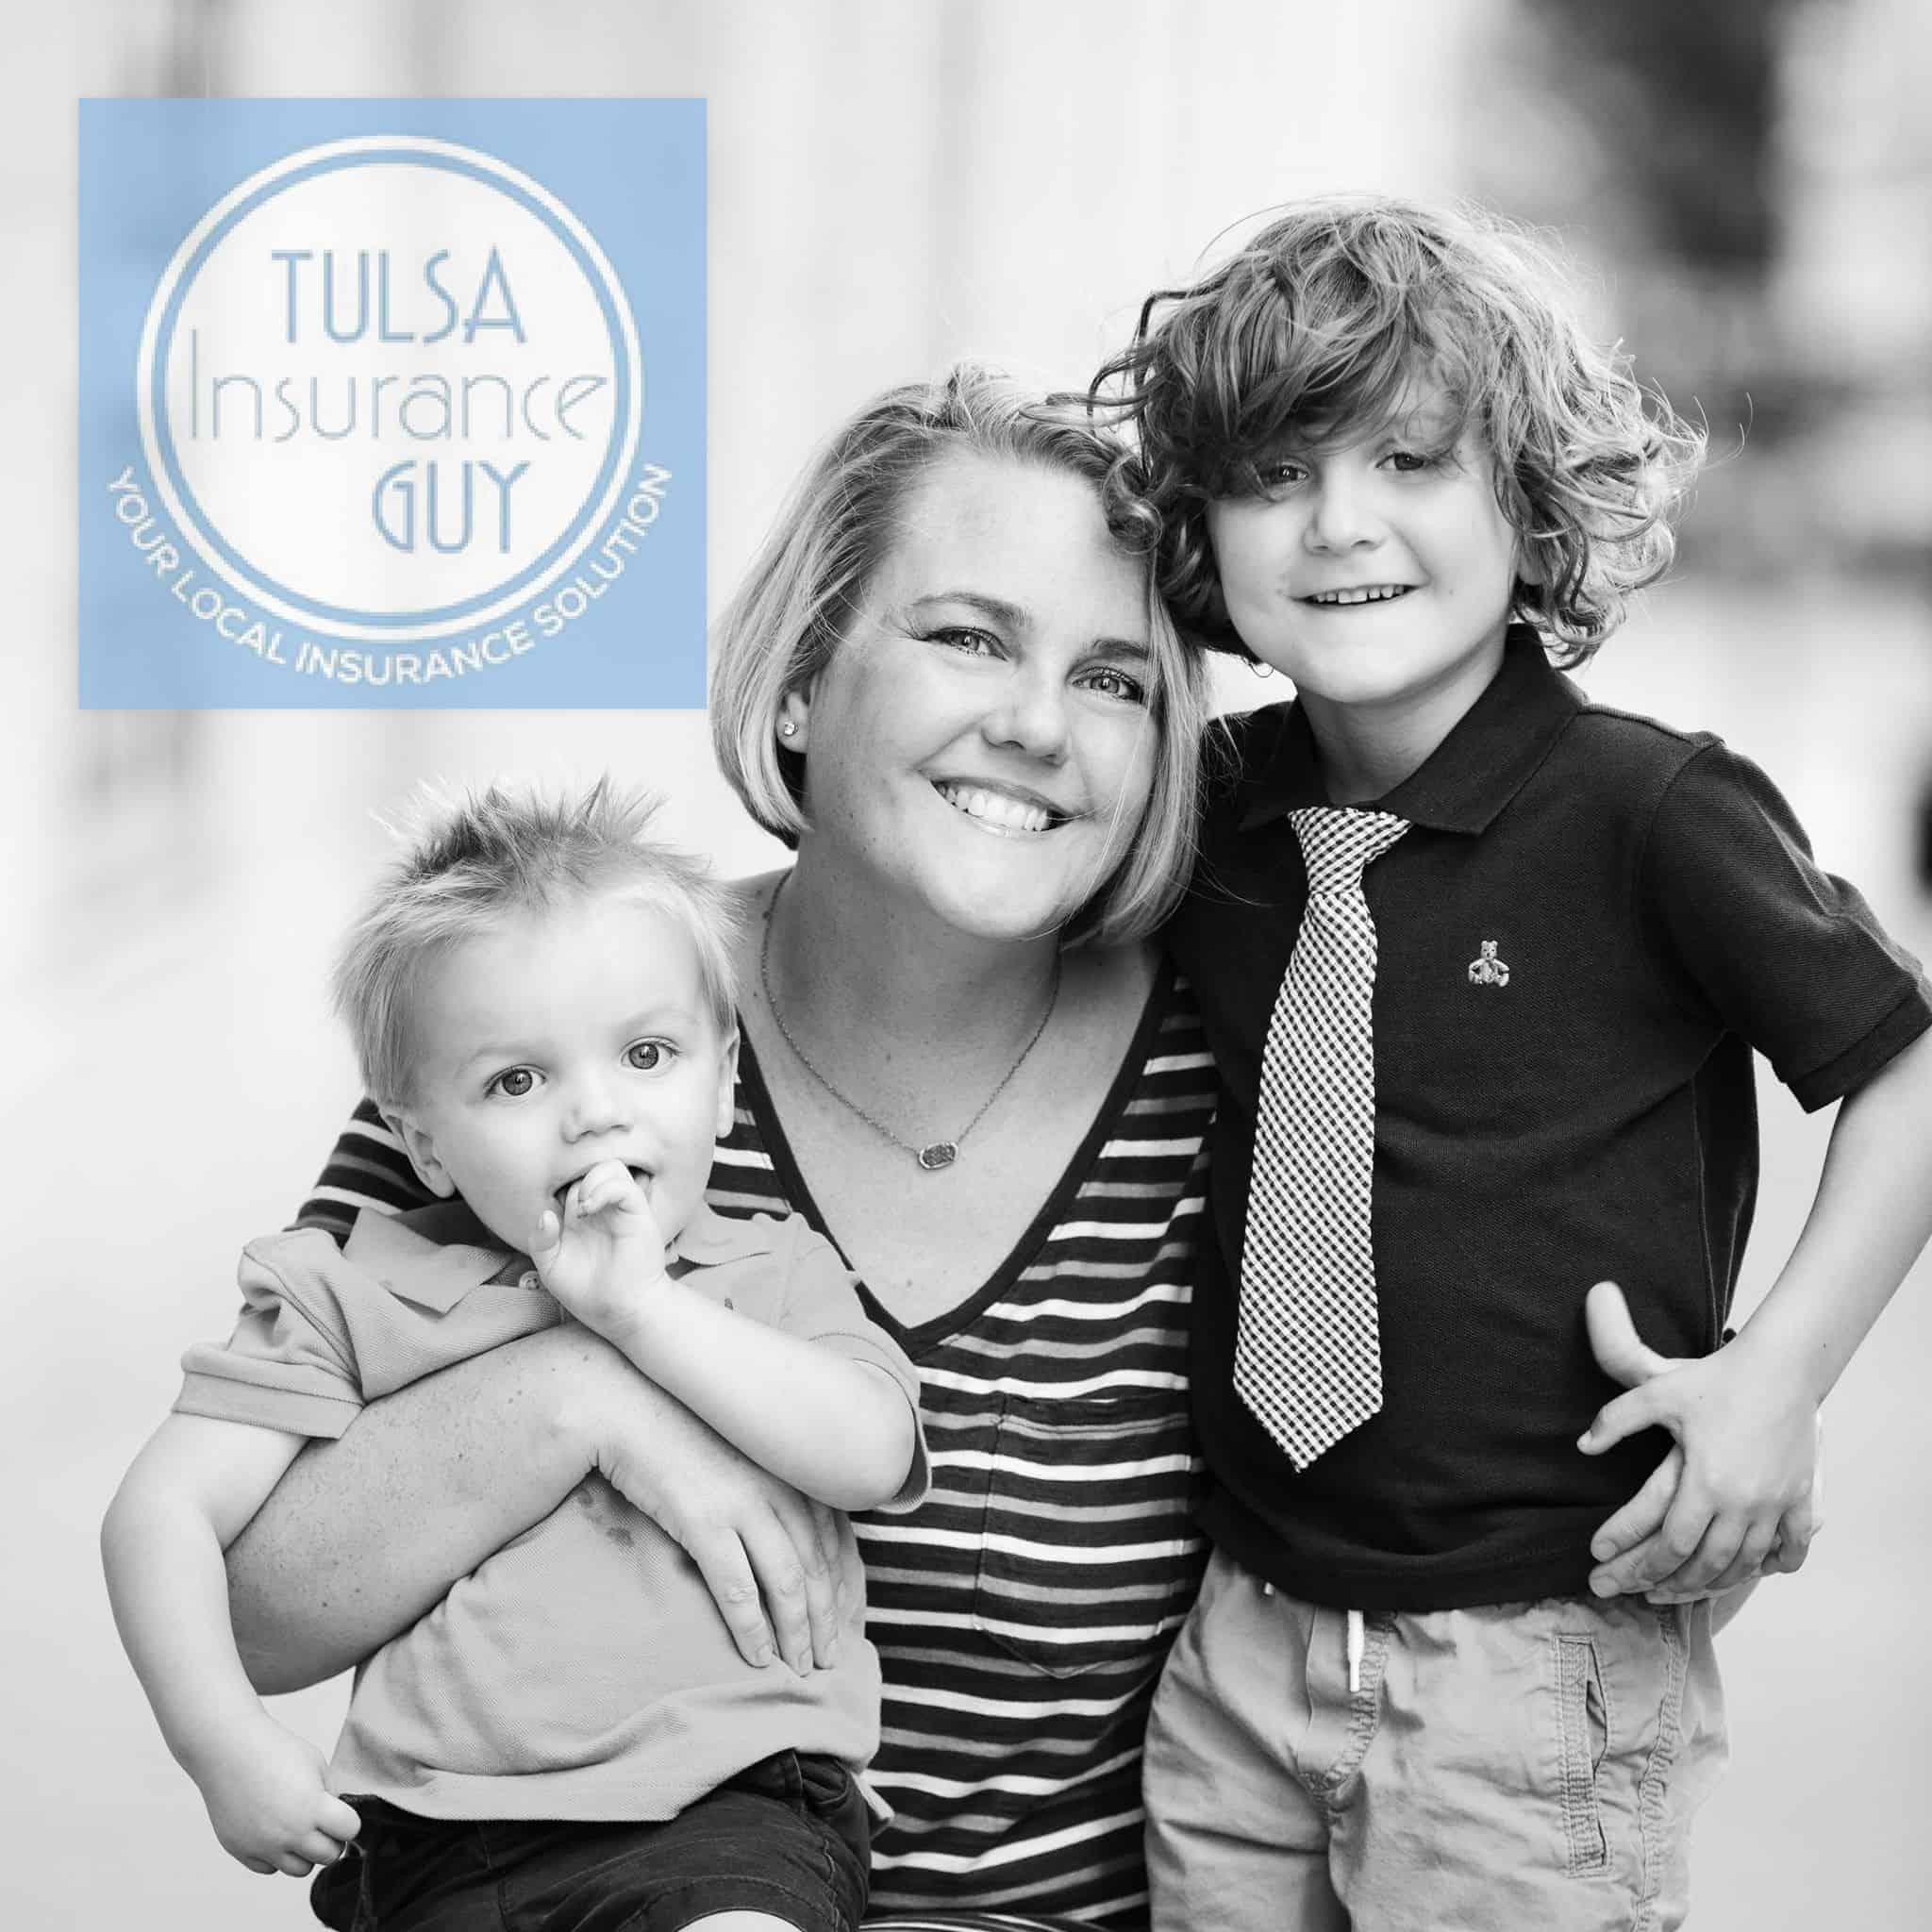 Tulsa Auto Insurance | Tulsa Insurance Guy